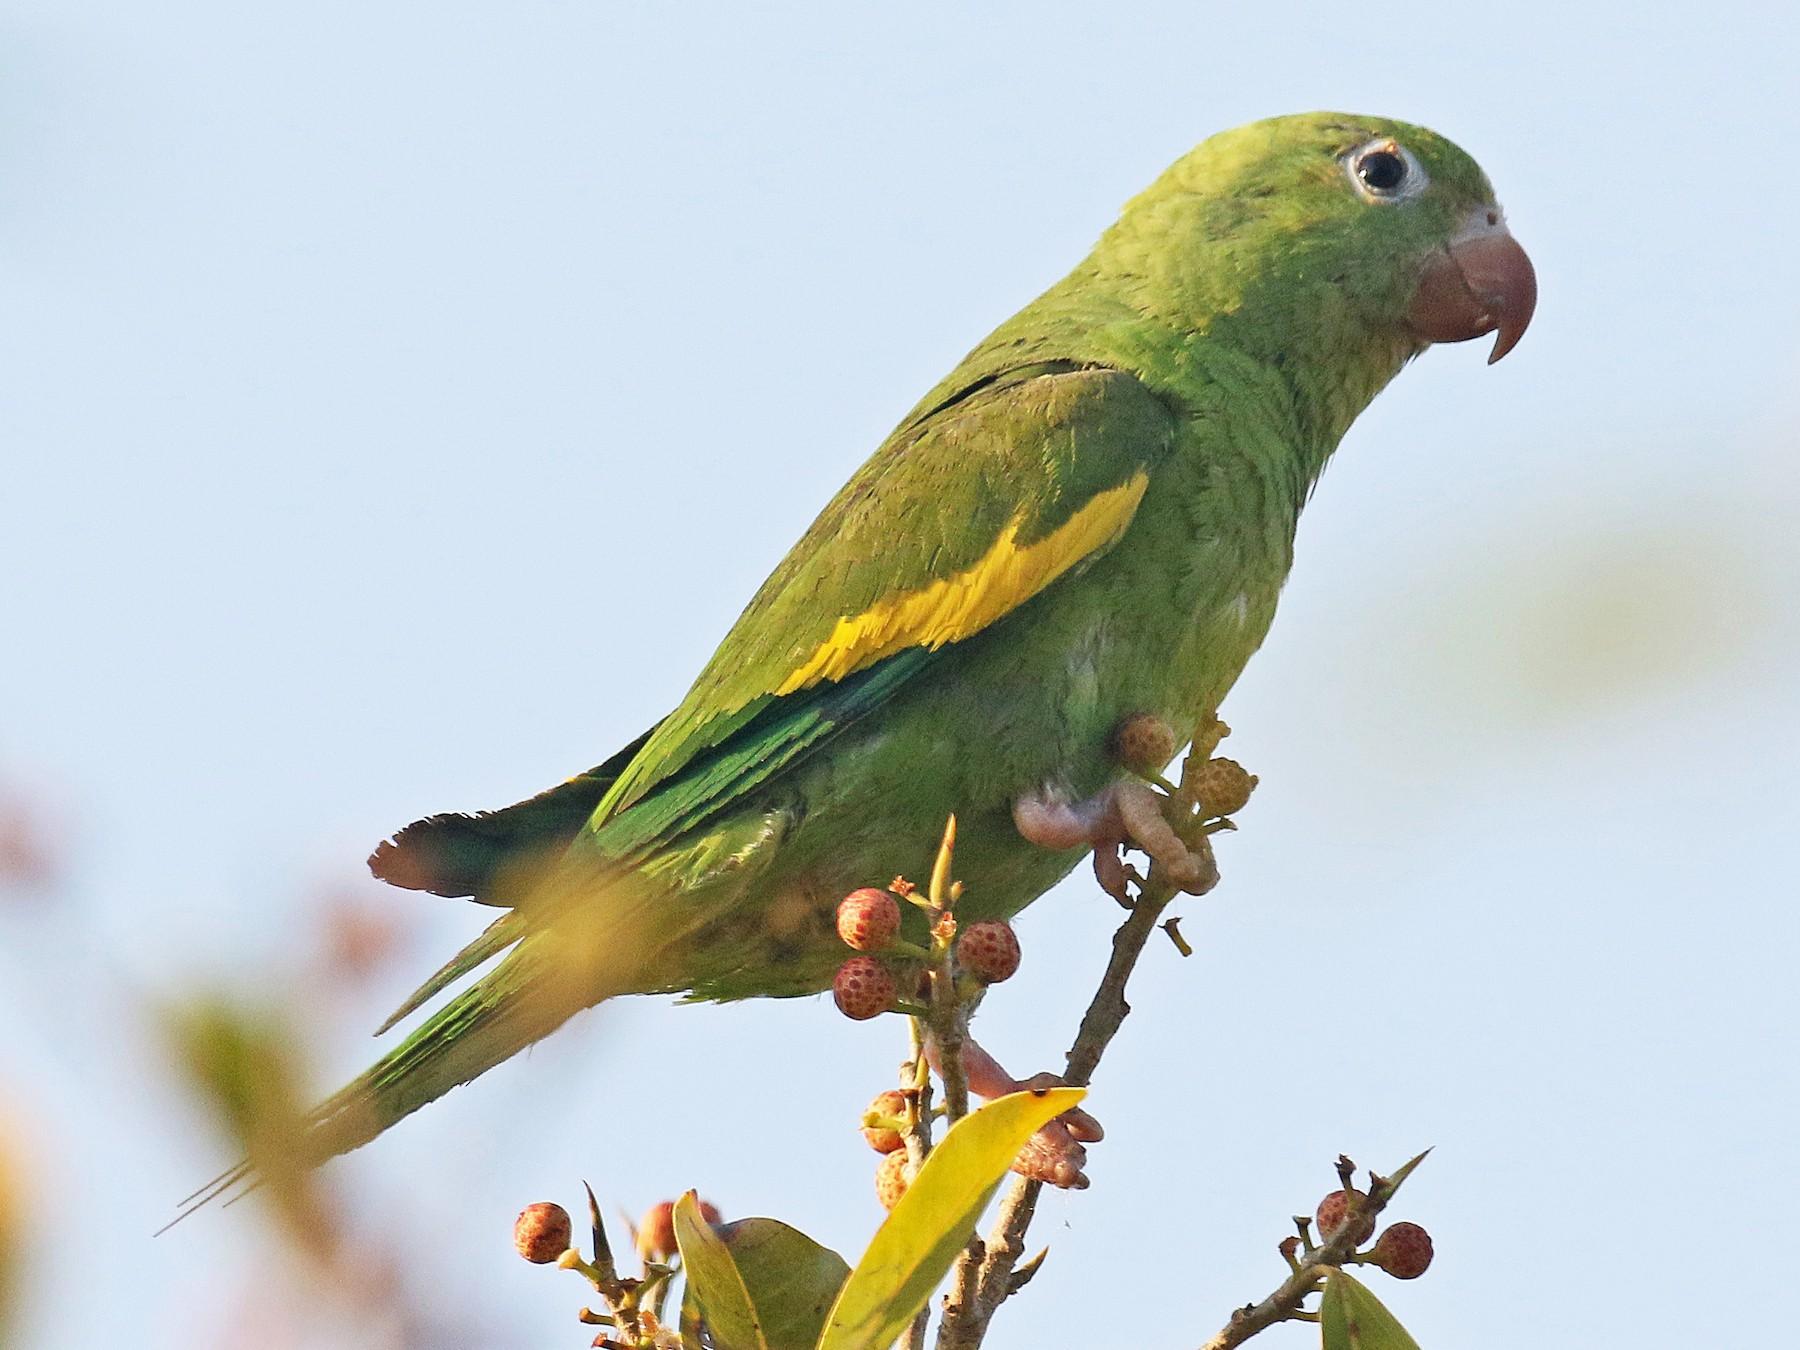 Yellow-chevroned Parakeet - David Lang